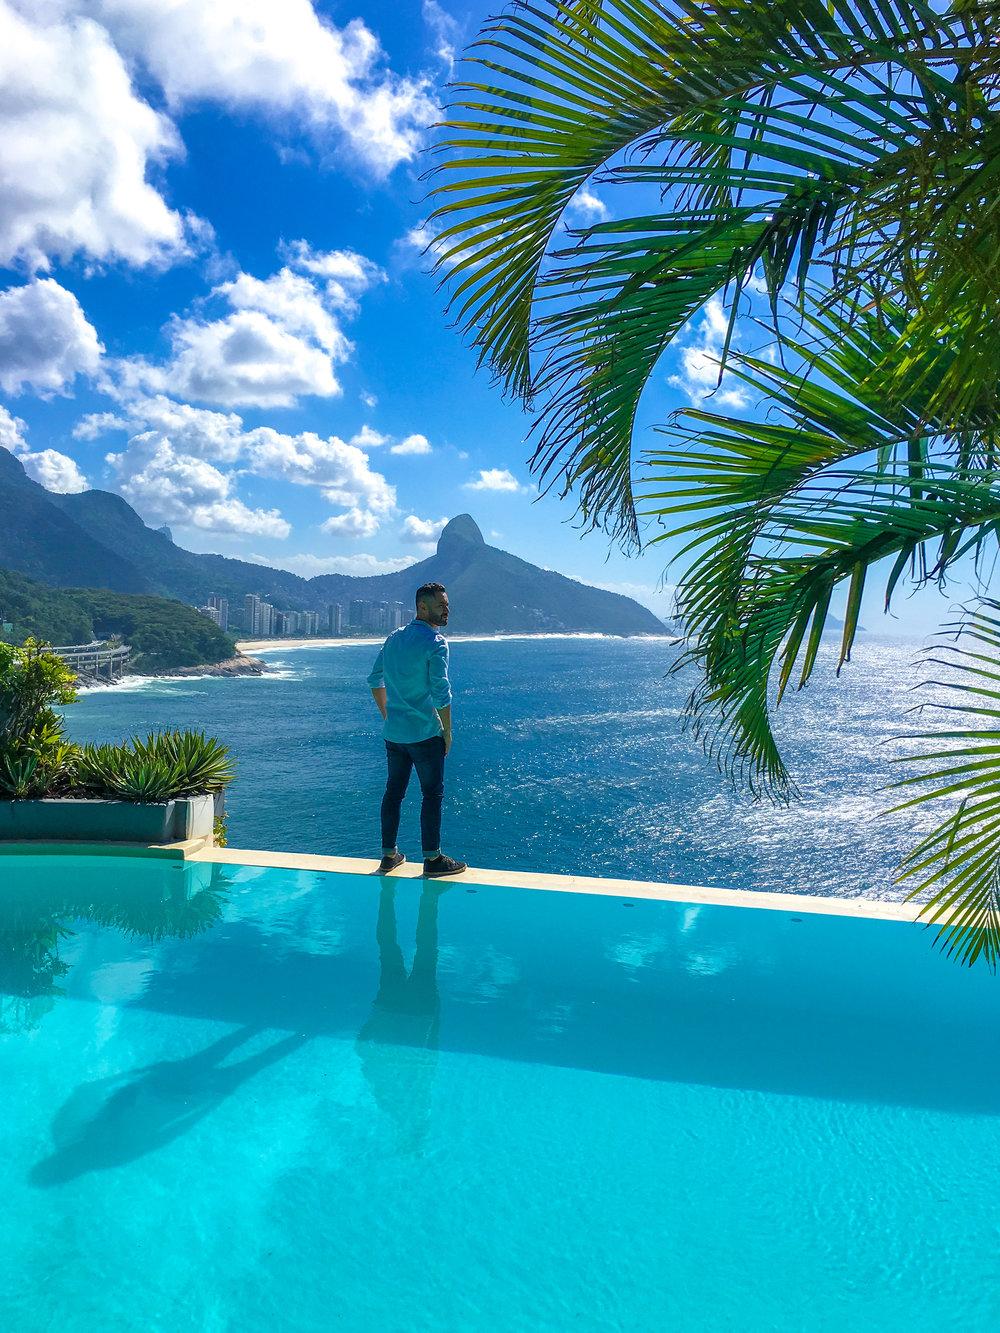 O Hotel La Suite é um verdadeiro refúgio na cidade do Rio de Janeiro. Com apenas 7 suites, a mansão no Joá esbanja sofisticação. A piscina, já icônica, pode ser vista em vários editoriais de moda de revistas nacionais e internacionais.